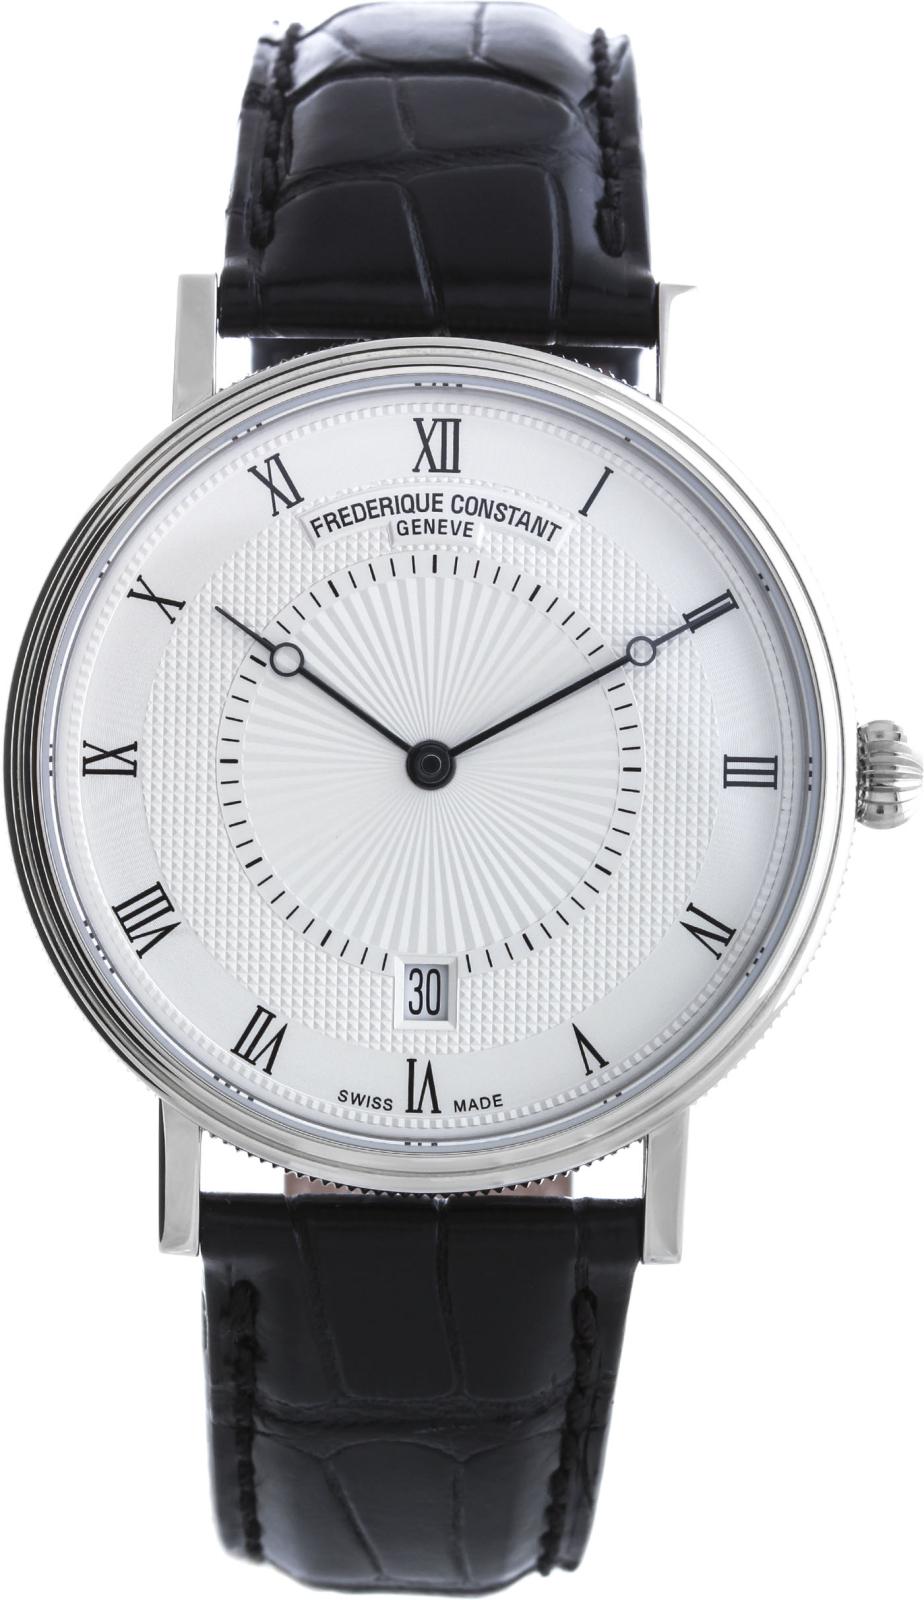 Frederique Constant Slim Line FC-306MC4S36Наручные часы<br>Швейцарские часы Frederique Constant Slim Line FC-306MC4S36<br><br>Пол: Мужские<br>Страна-производитель: Швейцария<br>Механизм: Механический<br>Материал корпуса: Сталь<br>Материал ремня/браслета: Кожа<br>Водозащита, диапазон: 20 - 100 м<br>Стекло: Сапфировое<br>Толщина корпуса: 8 мм<br>Стиль: Классика